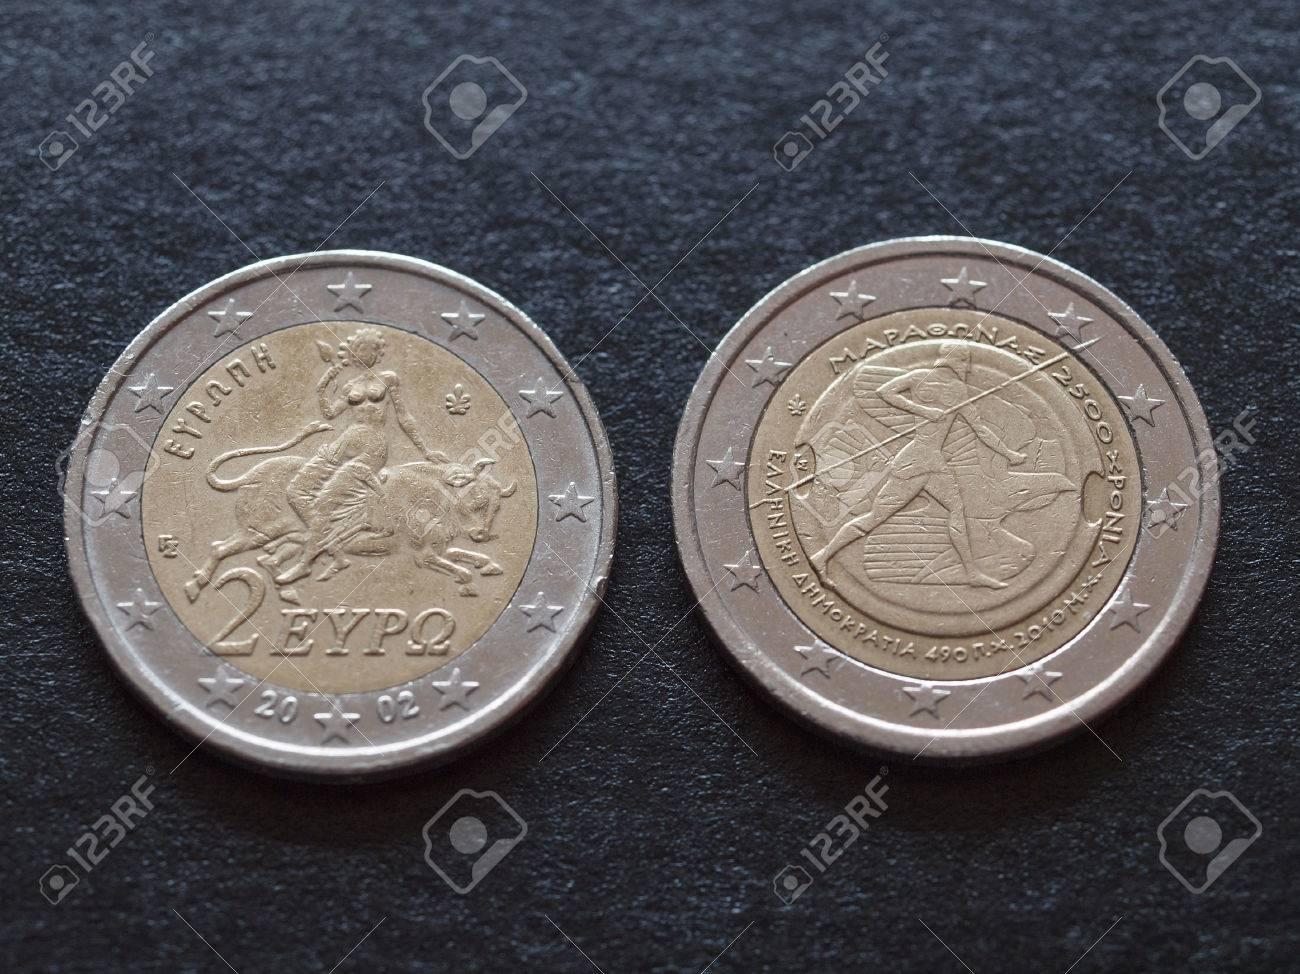 ギリシャの普通の 2 ユーロ硬貨...